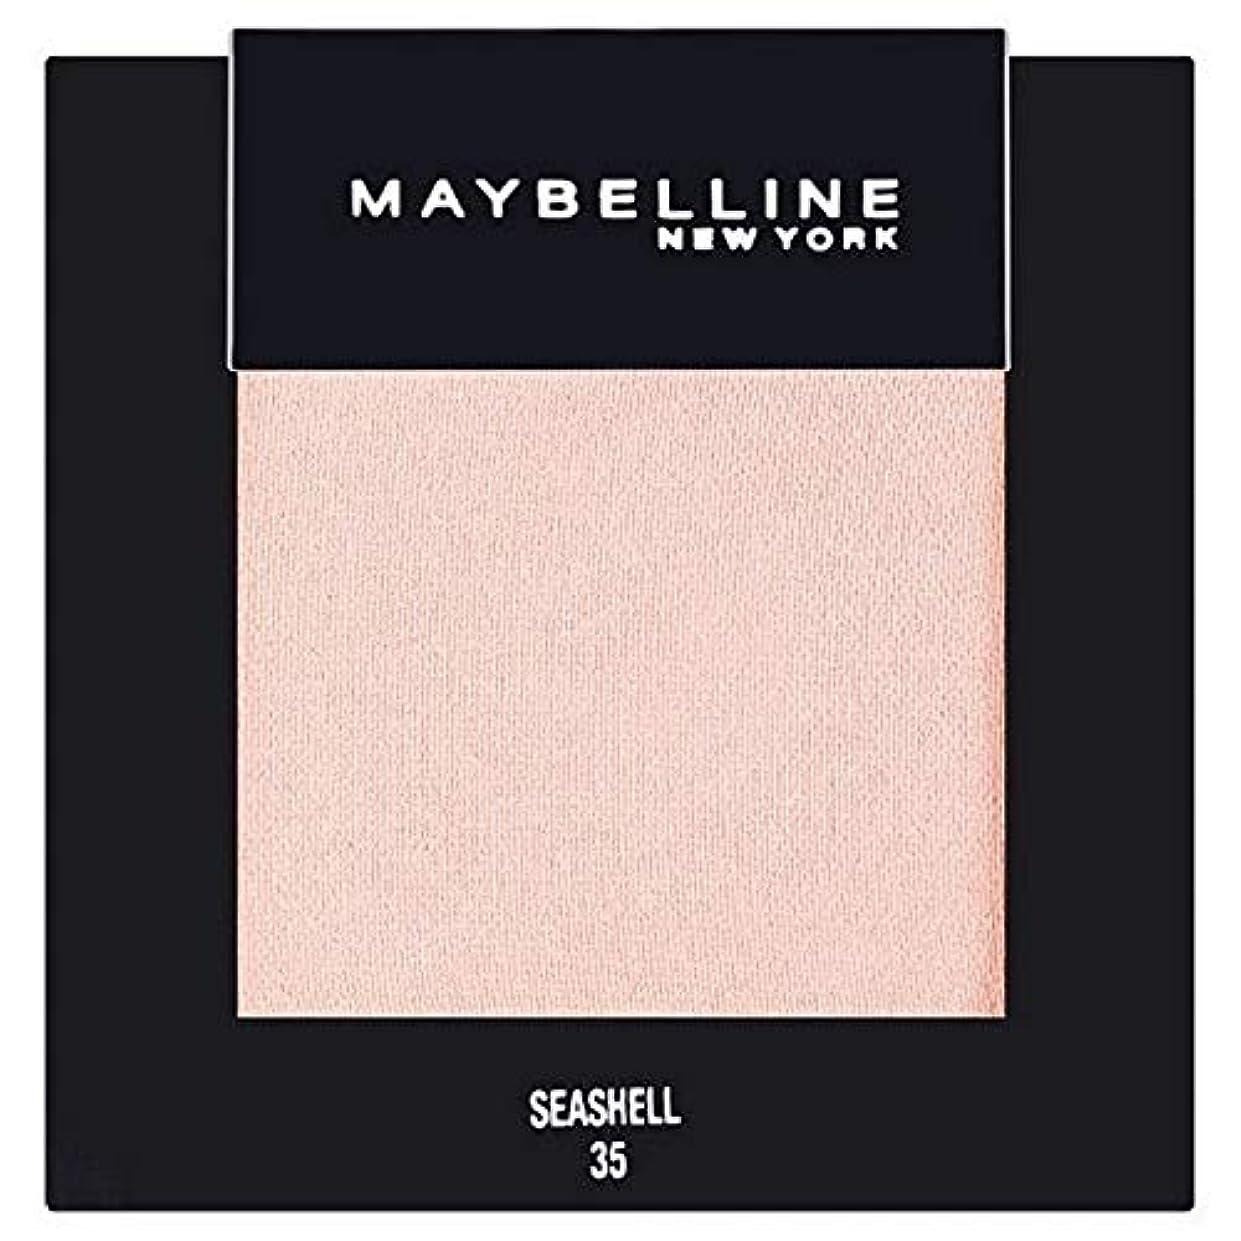 ソーダ水スモッグ論理[Maybelline ] メイベリンカラーショーシングルアイシャドウ35貝殻 - Maybelline Color Show Single Eyeshadow 35 Seashell [並行輸入品]